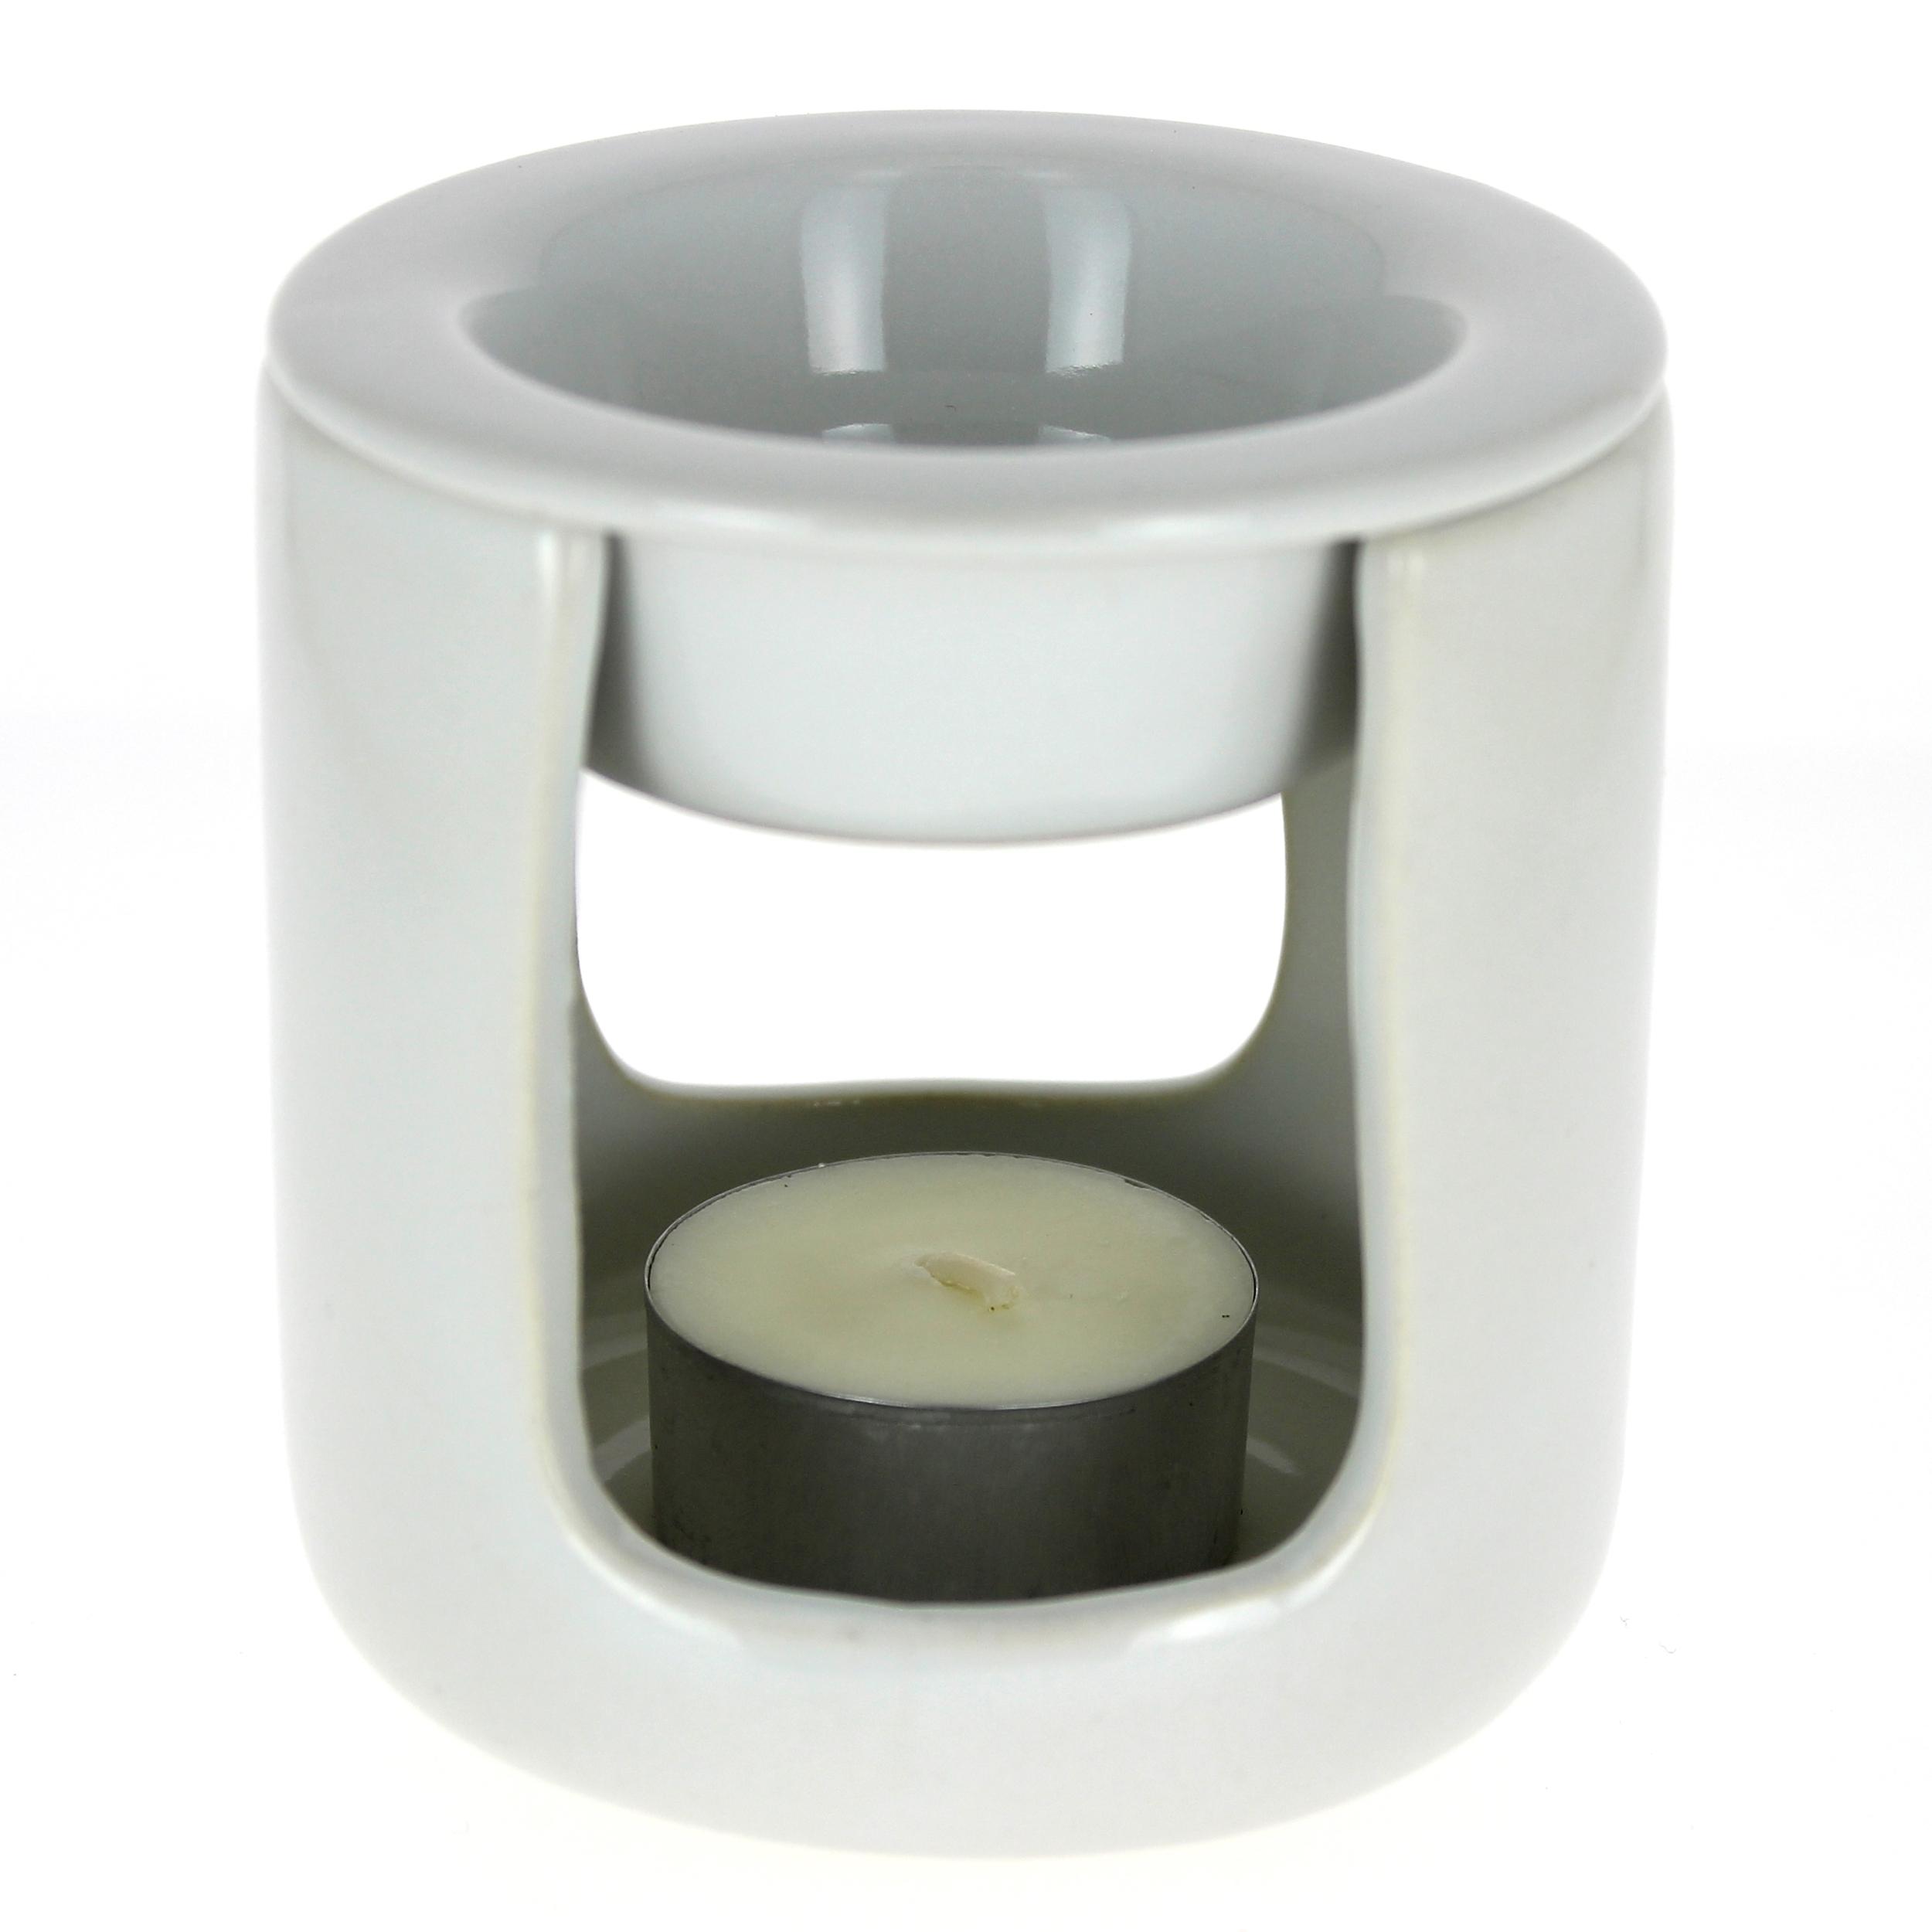 Doux Good - Les douces angevines - brûle parfum - modèle blanc